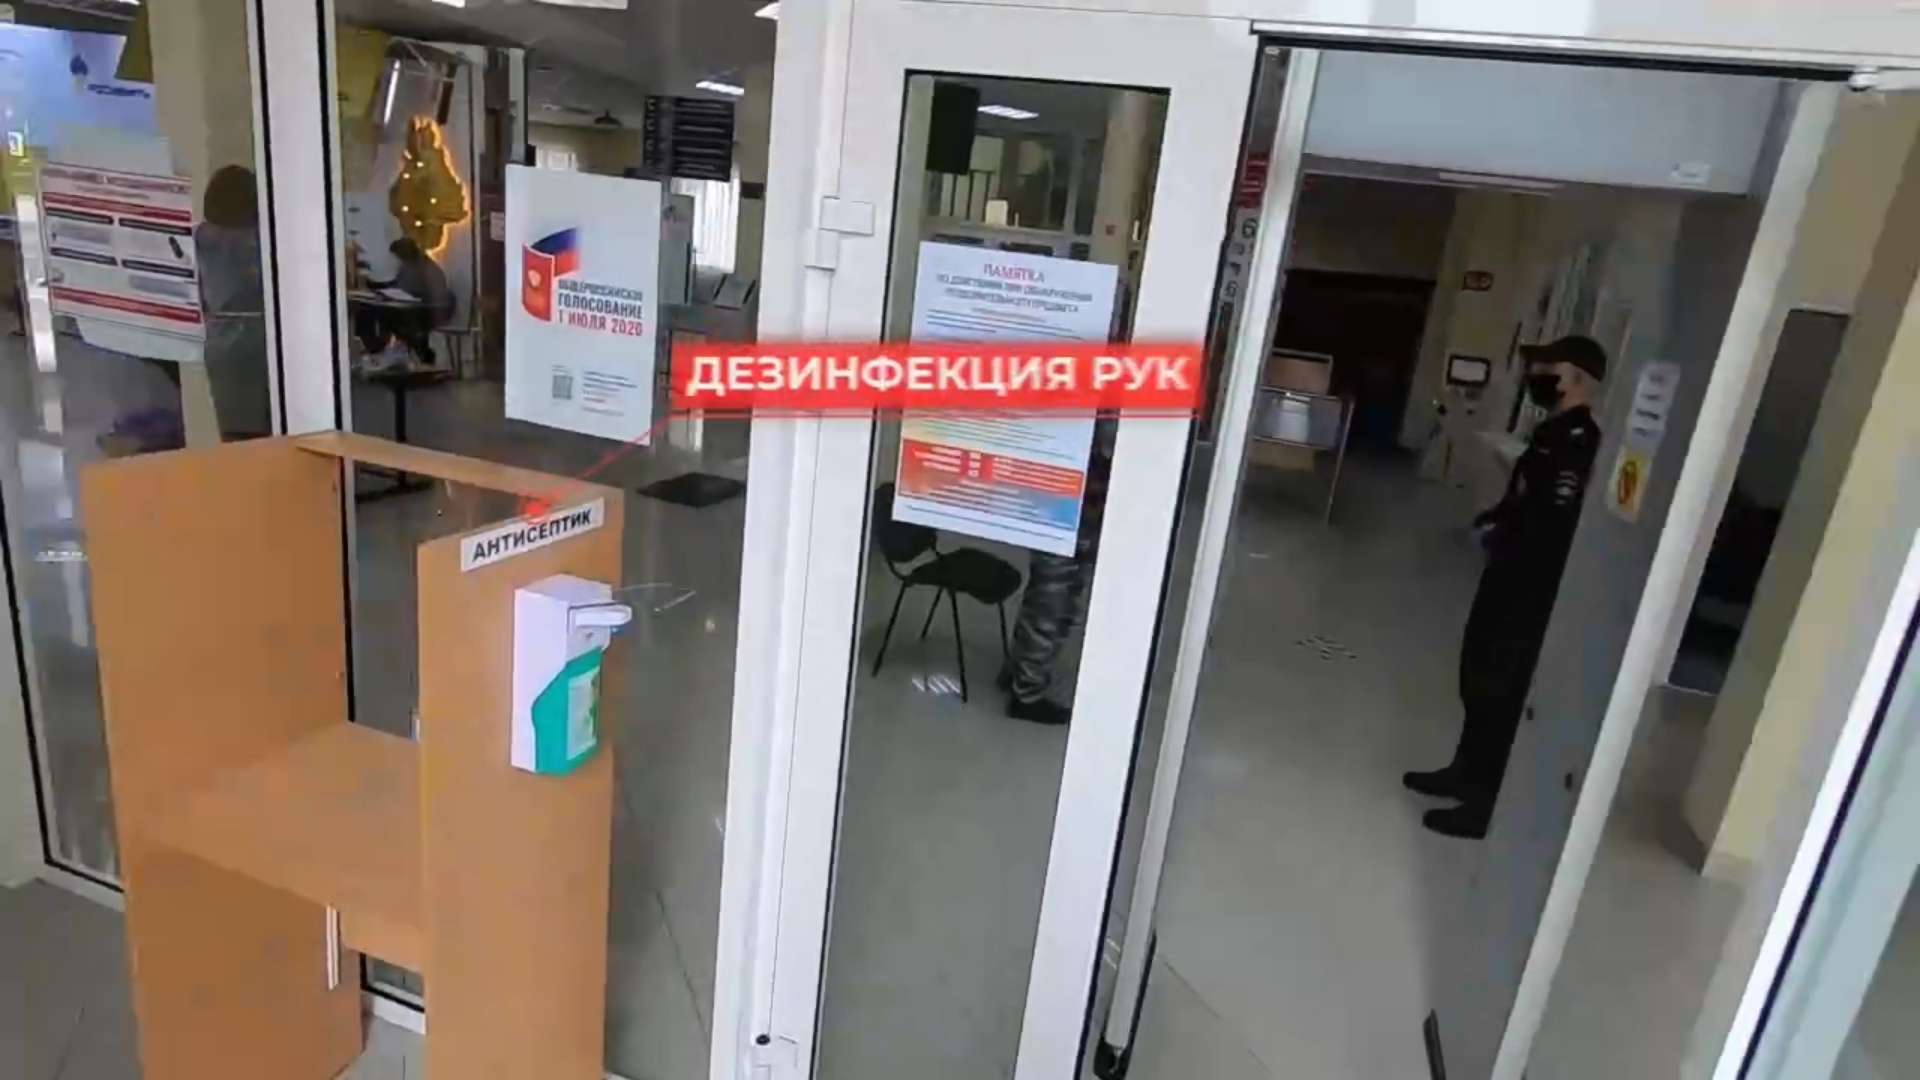 Блогер протестировал, как соблюдаются меры безопасности на избирательном участке: видео